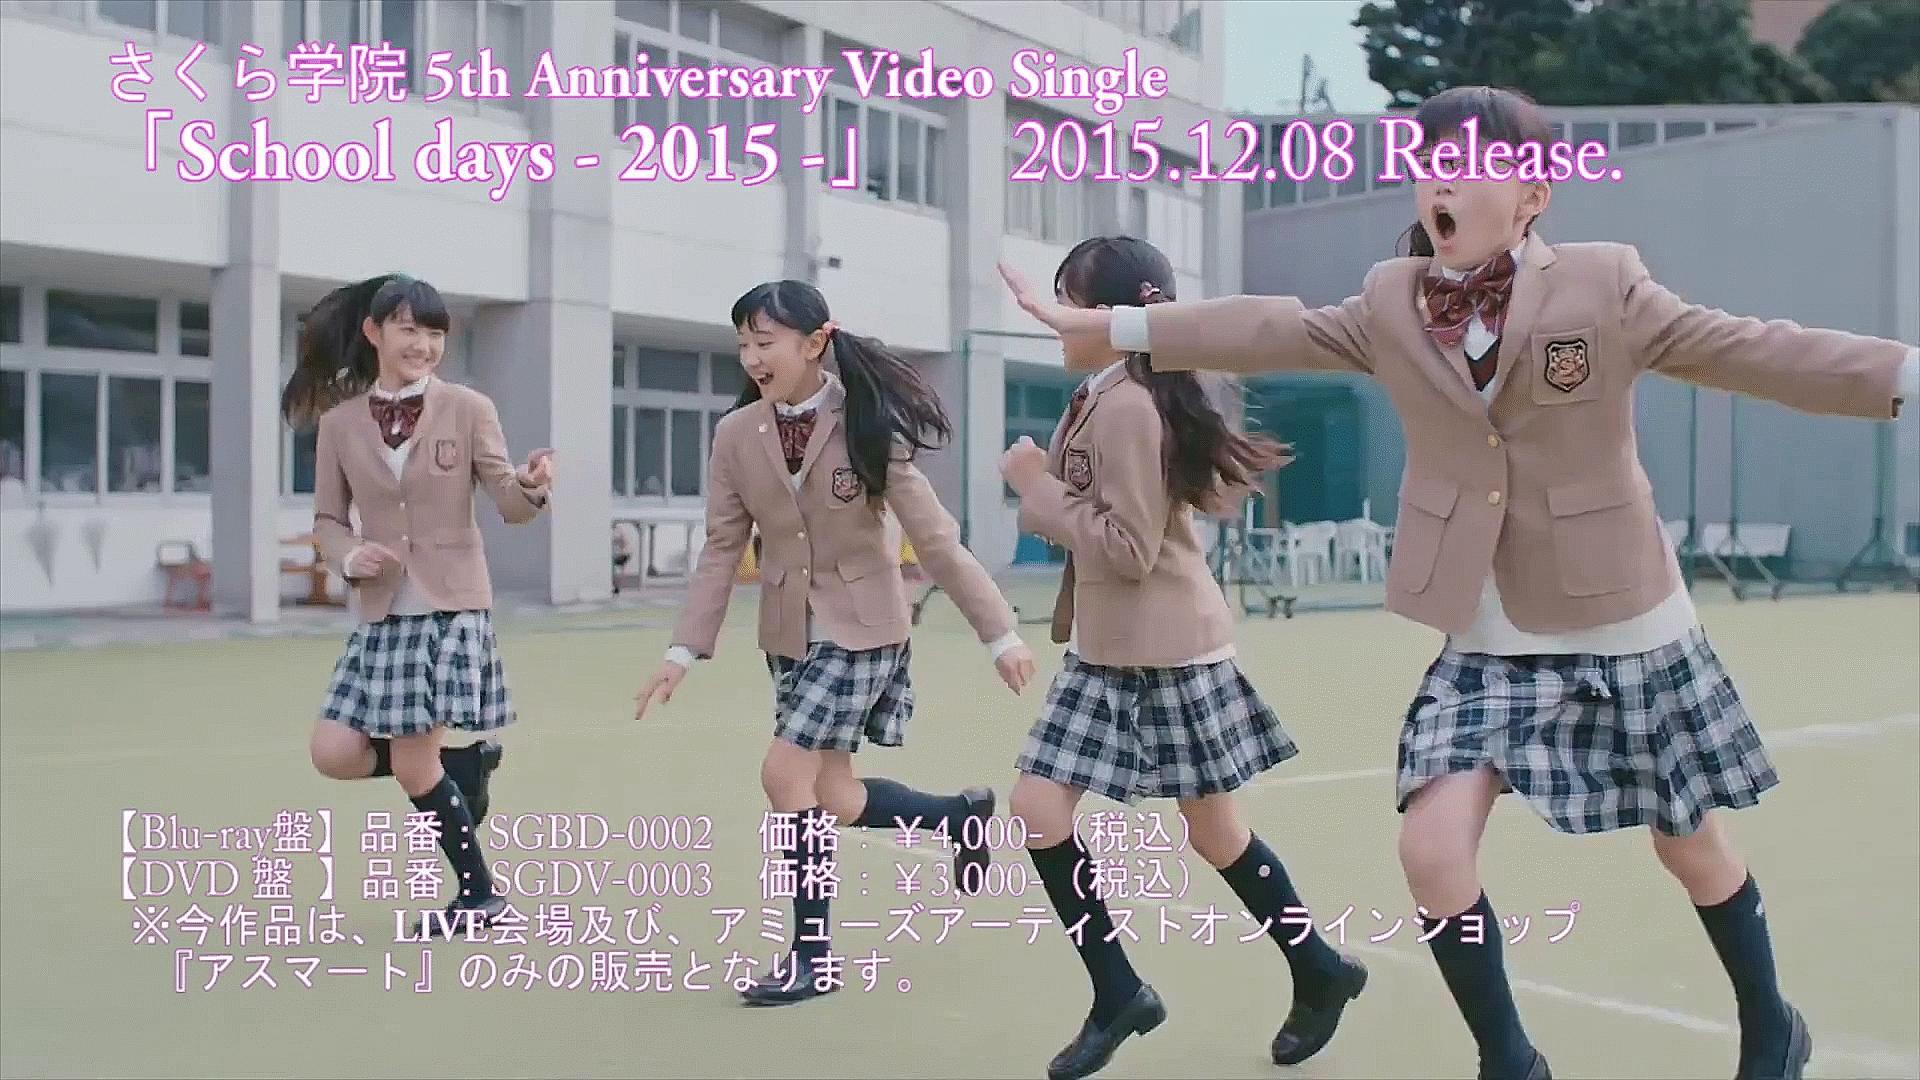 sakuragakuin, Sakura Gakuin - School Days 2015 GIFs